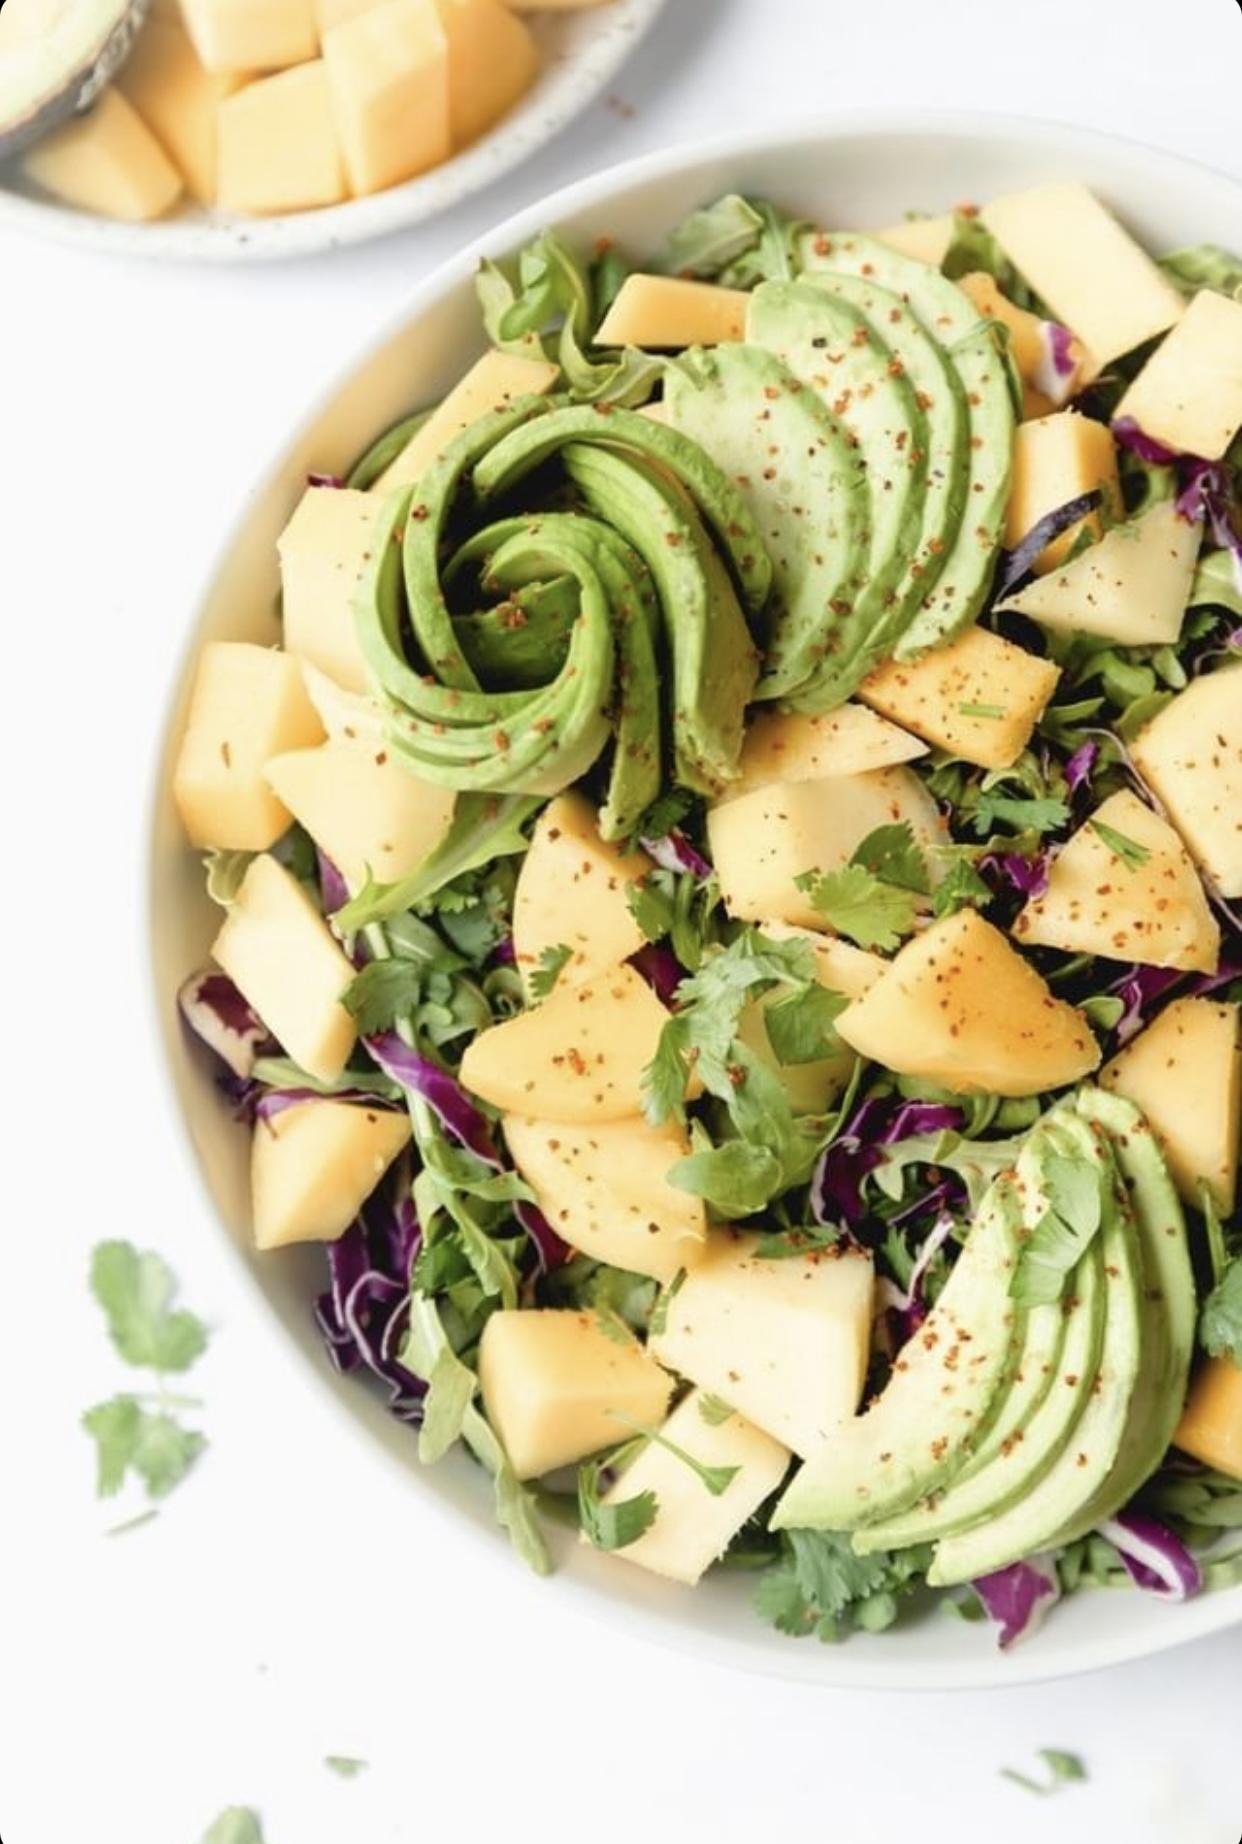 Mango recipes of Avocado Salad